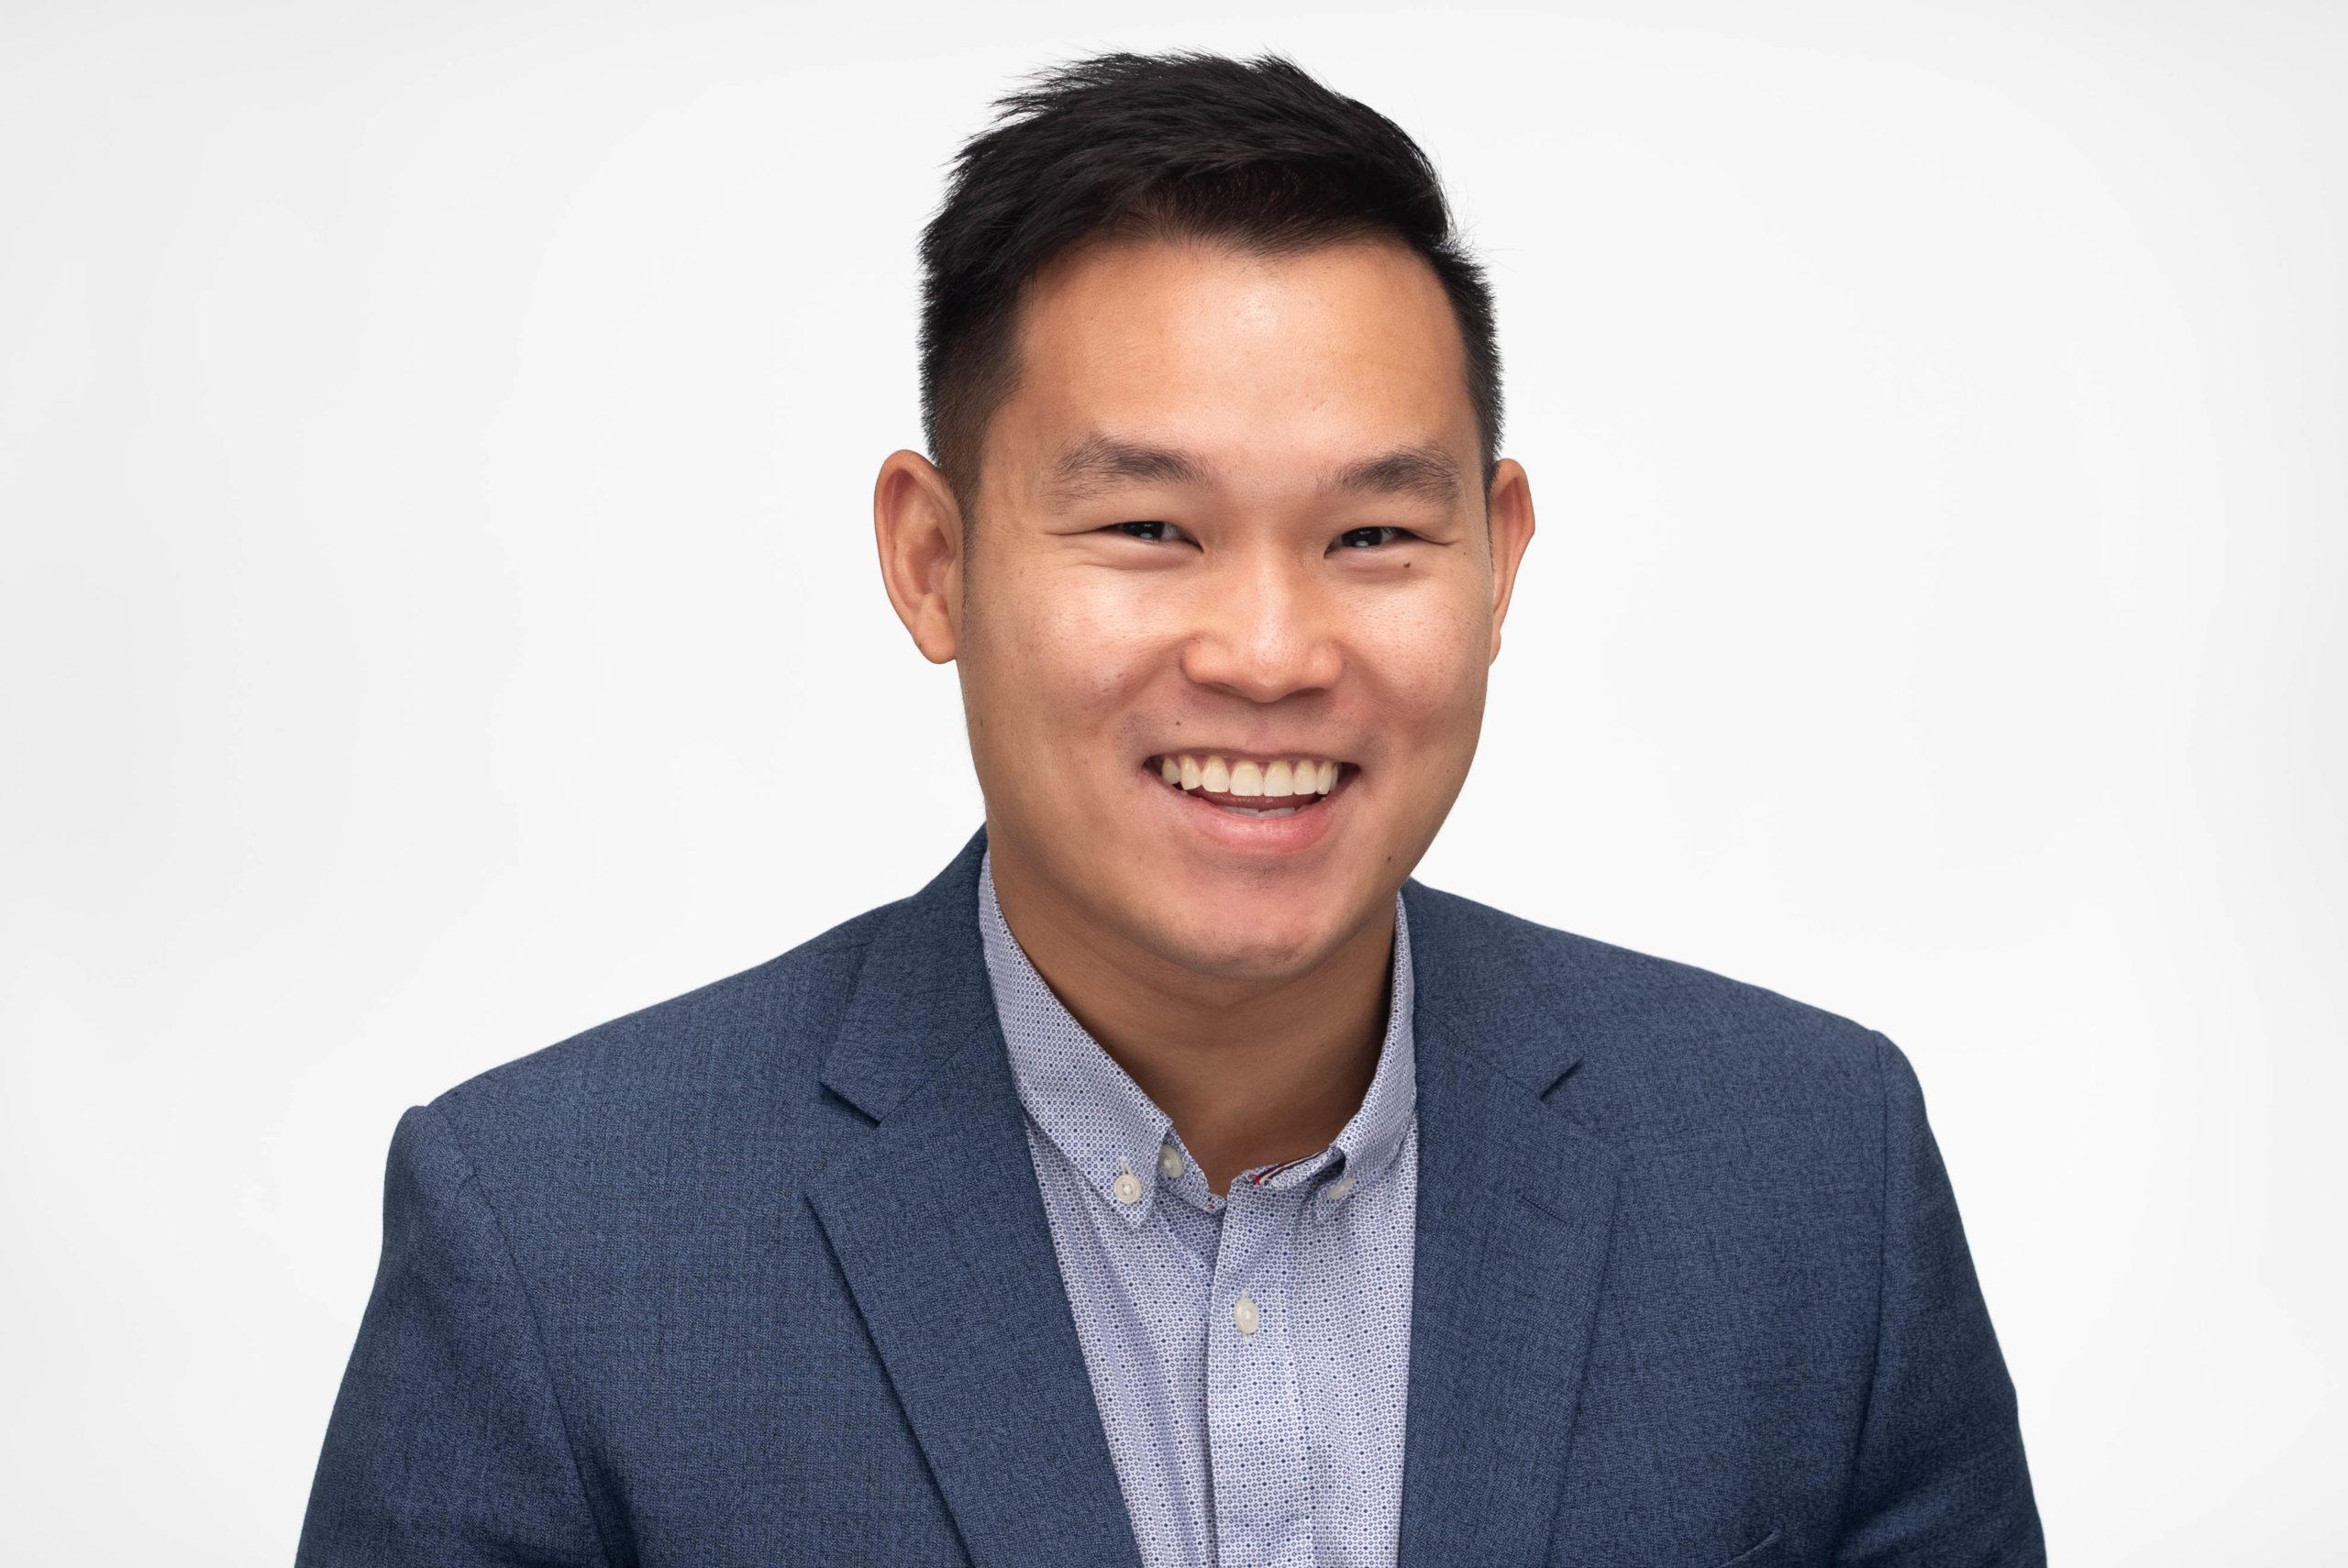 Daniel Pang, Management Accountant at Thomas Consultants